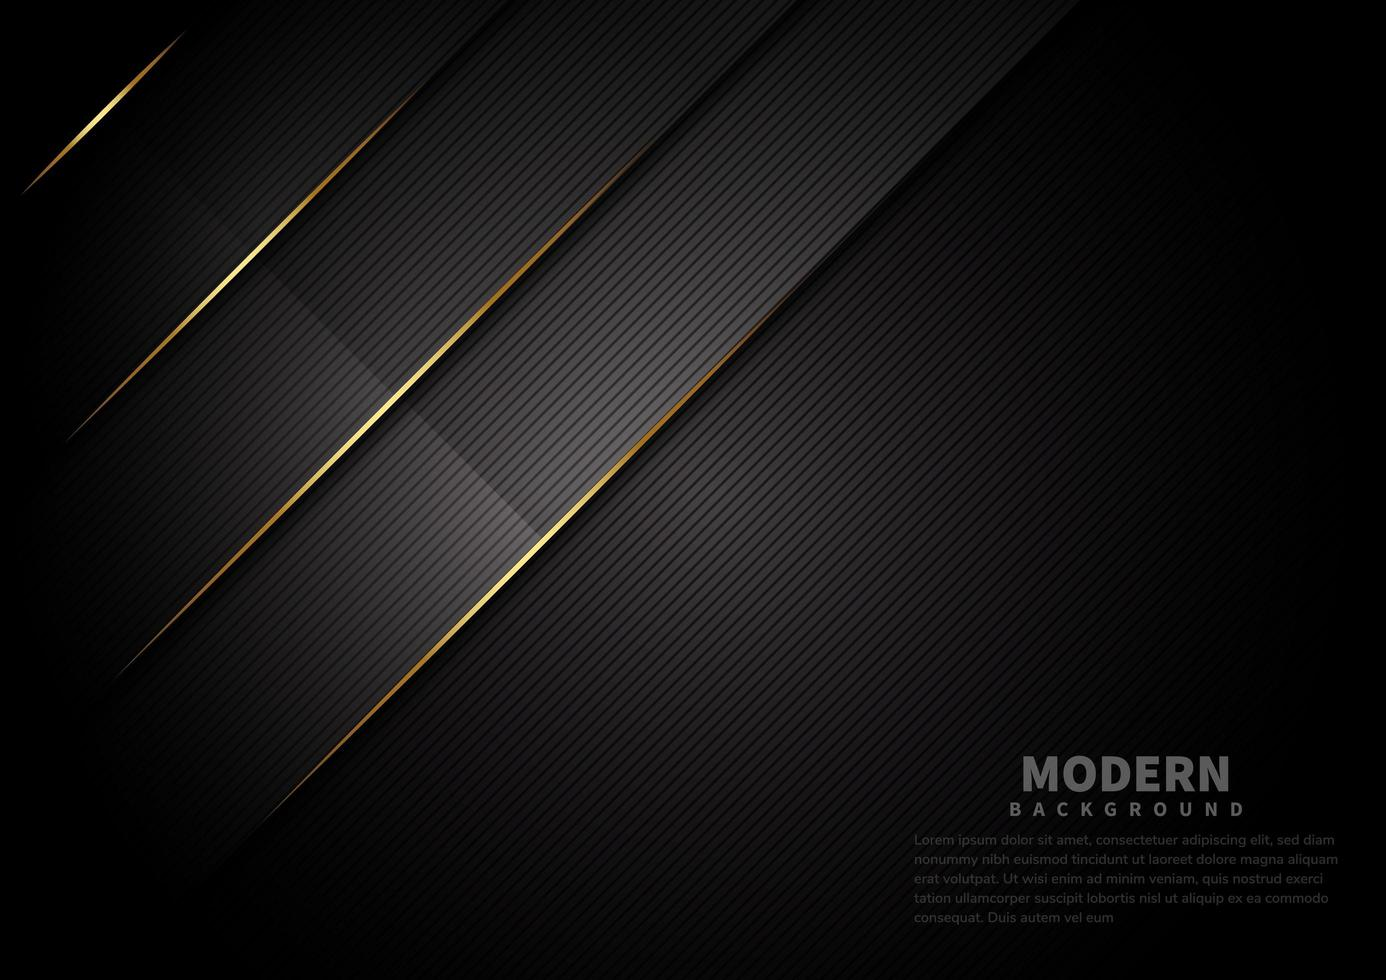 abstrakt mörk svart färg bakgrund överlappande lager vektor